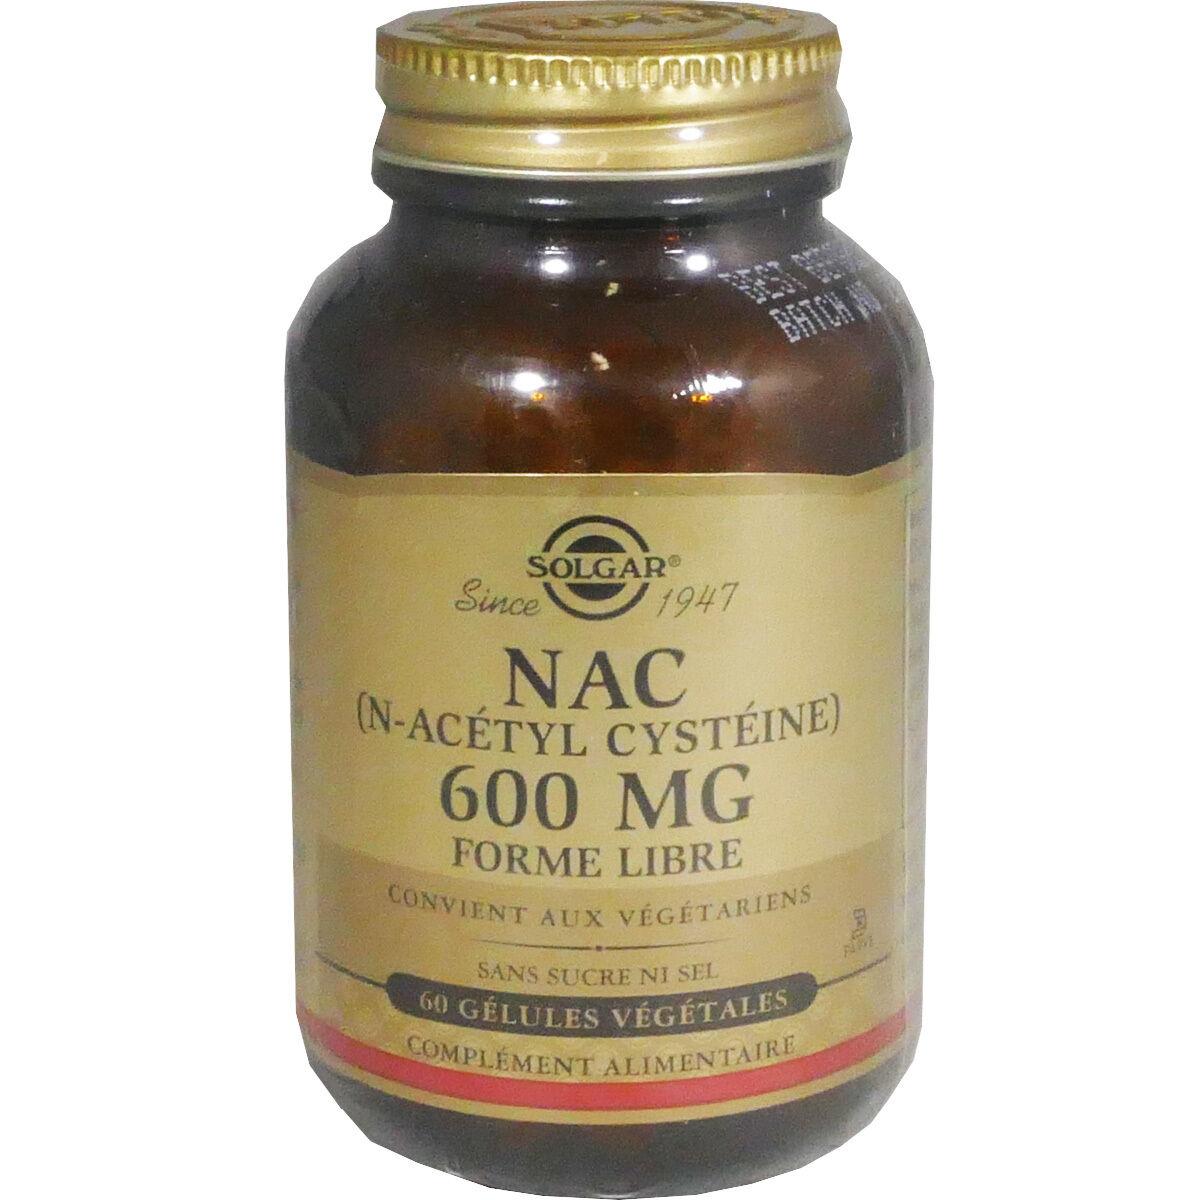 Solgar nac n-acetyl cysteine 600 mg 60 gelules